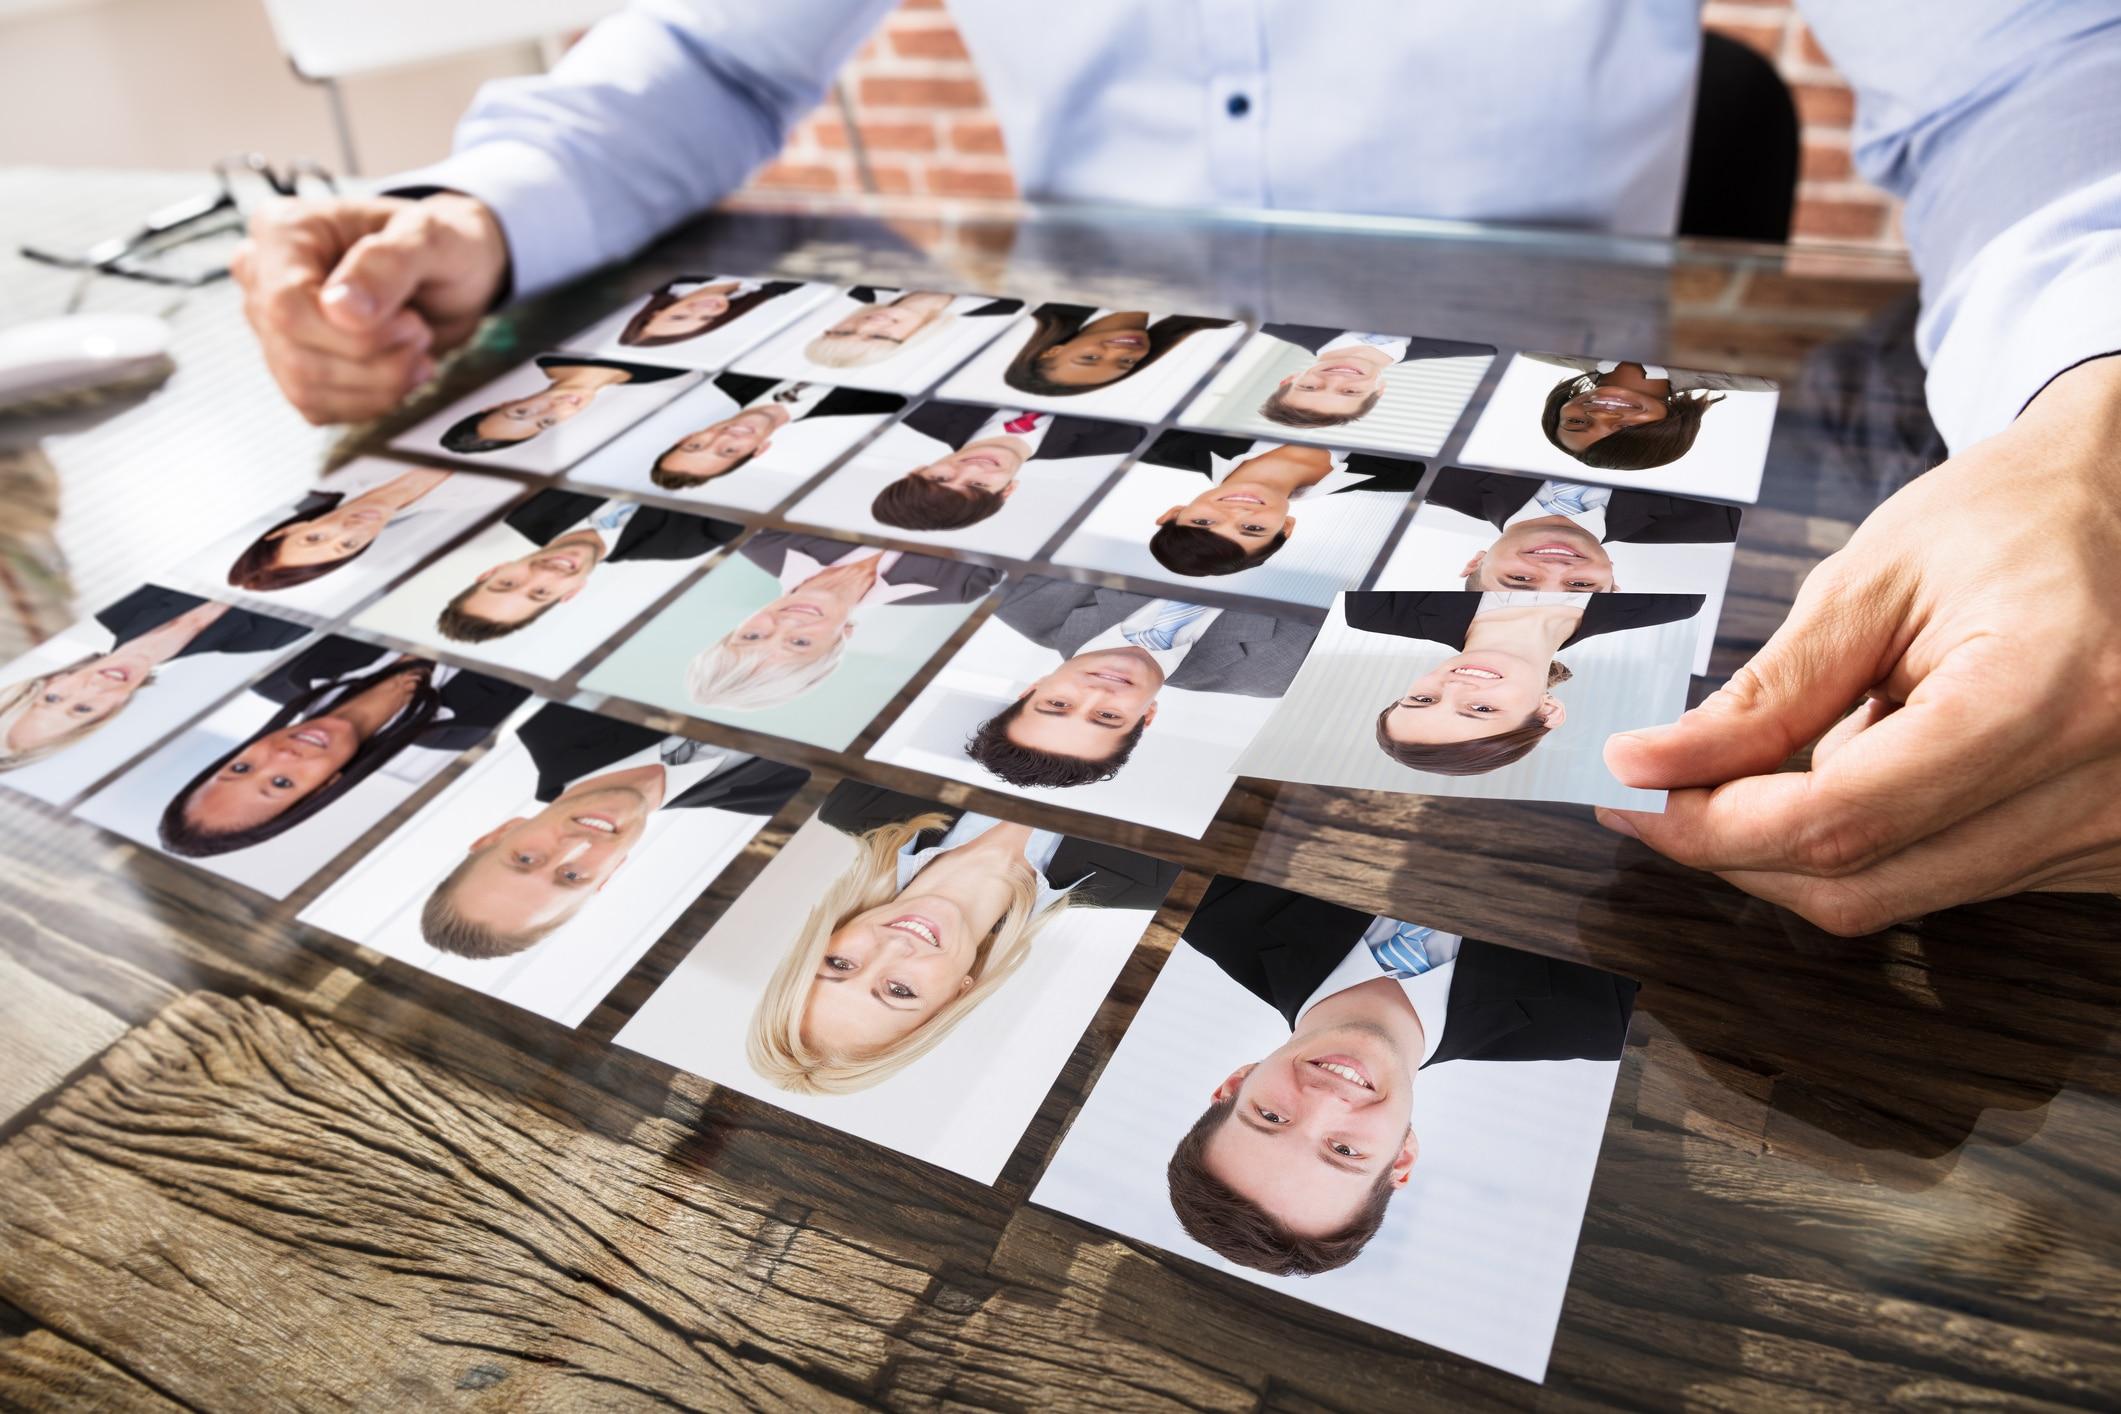 Das Bewerbungsfoto vermittelt dem Betrachter den ersten visuellen Eindruck